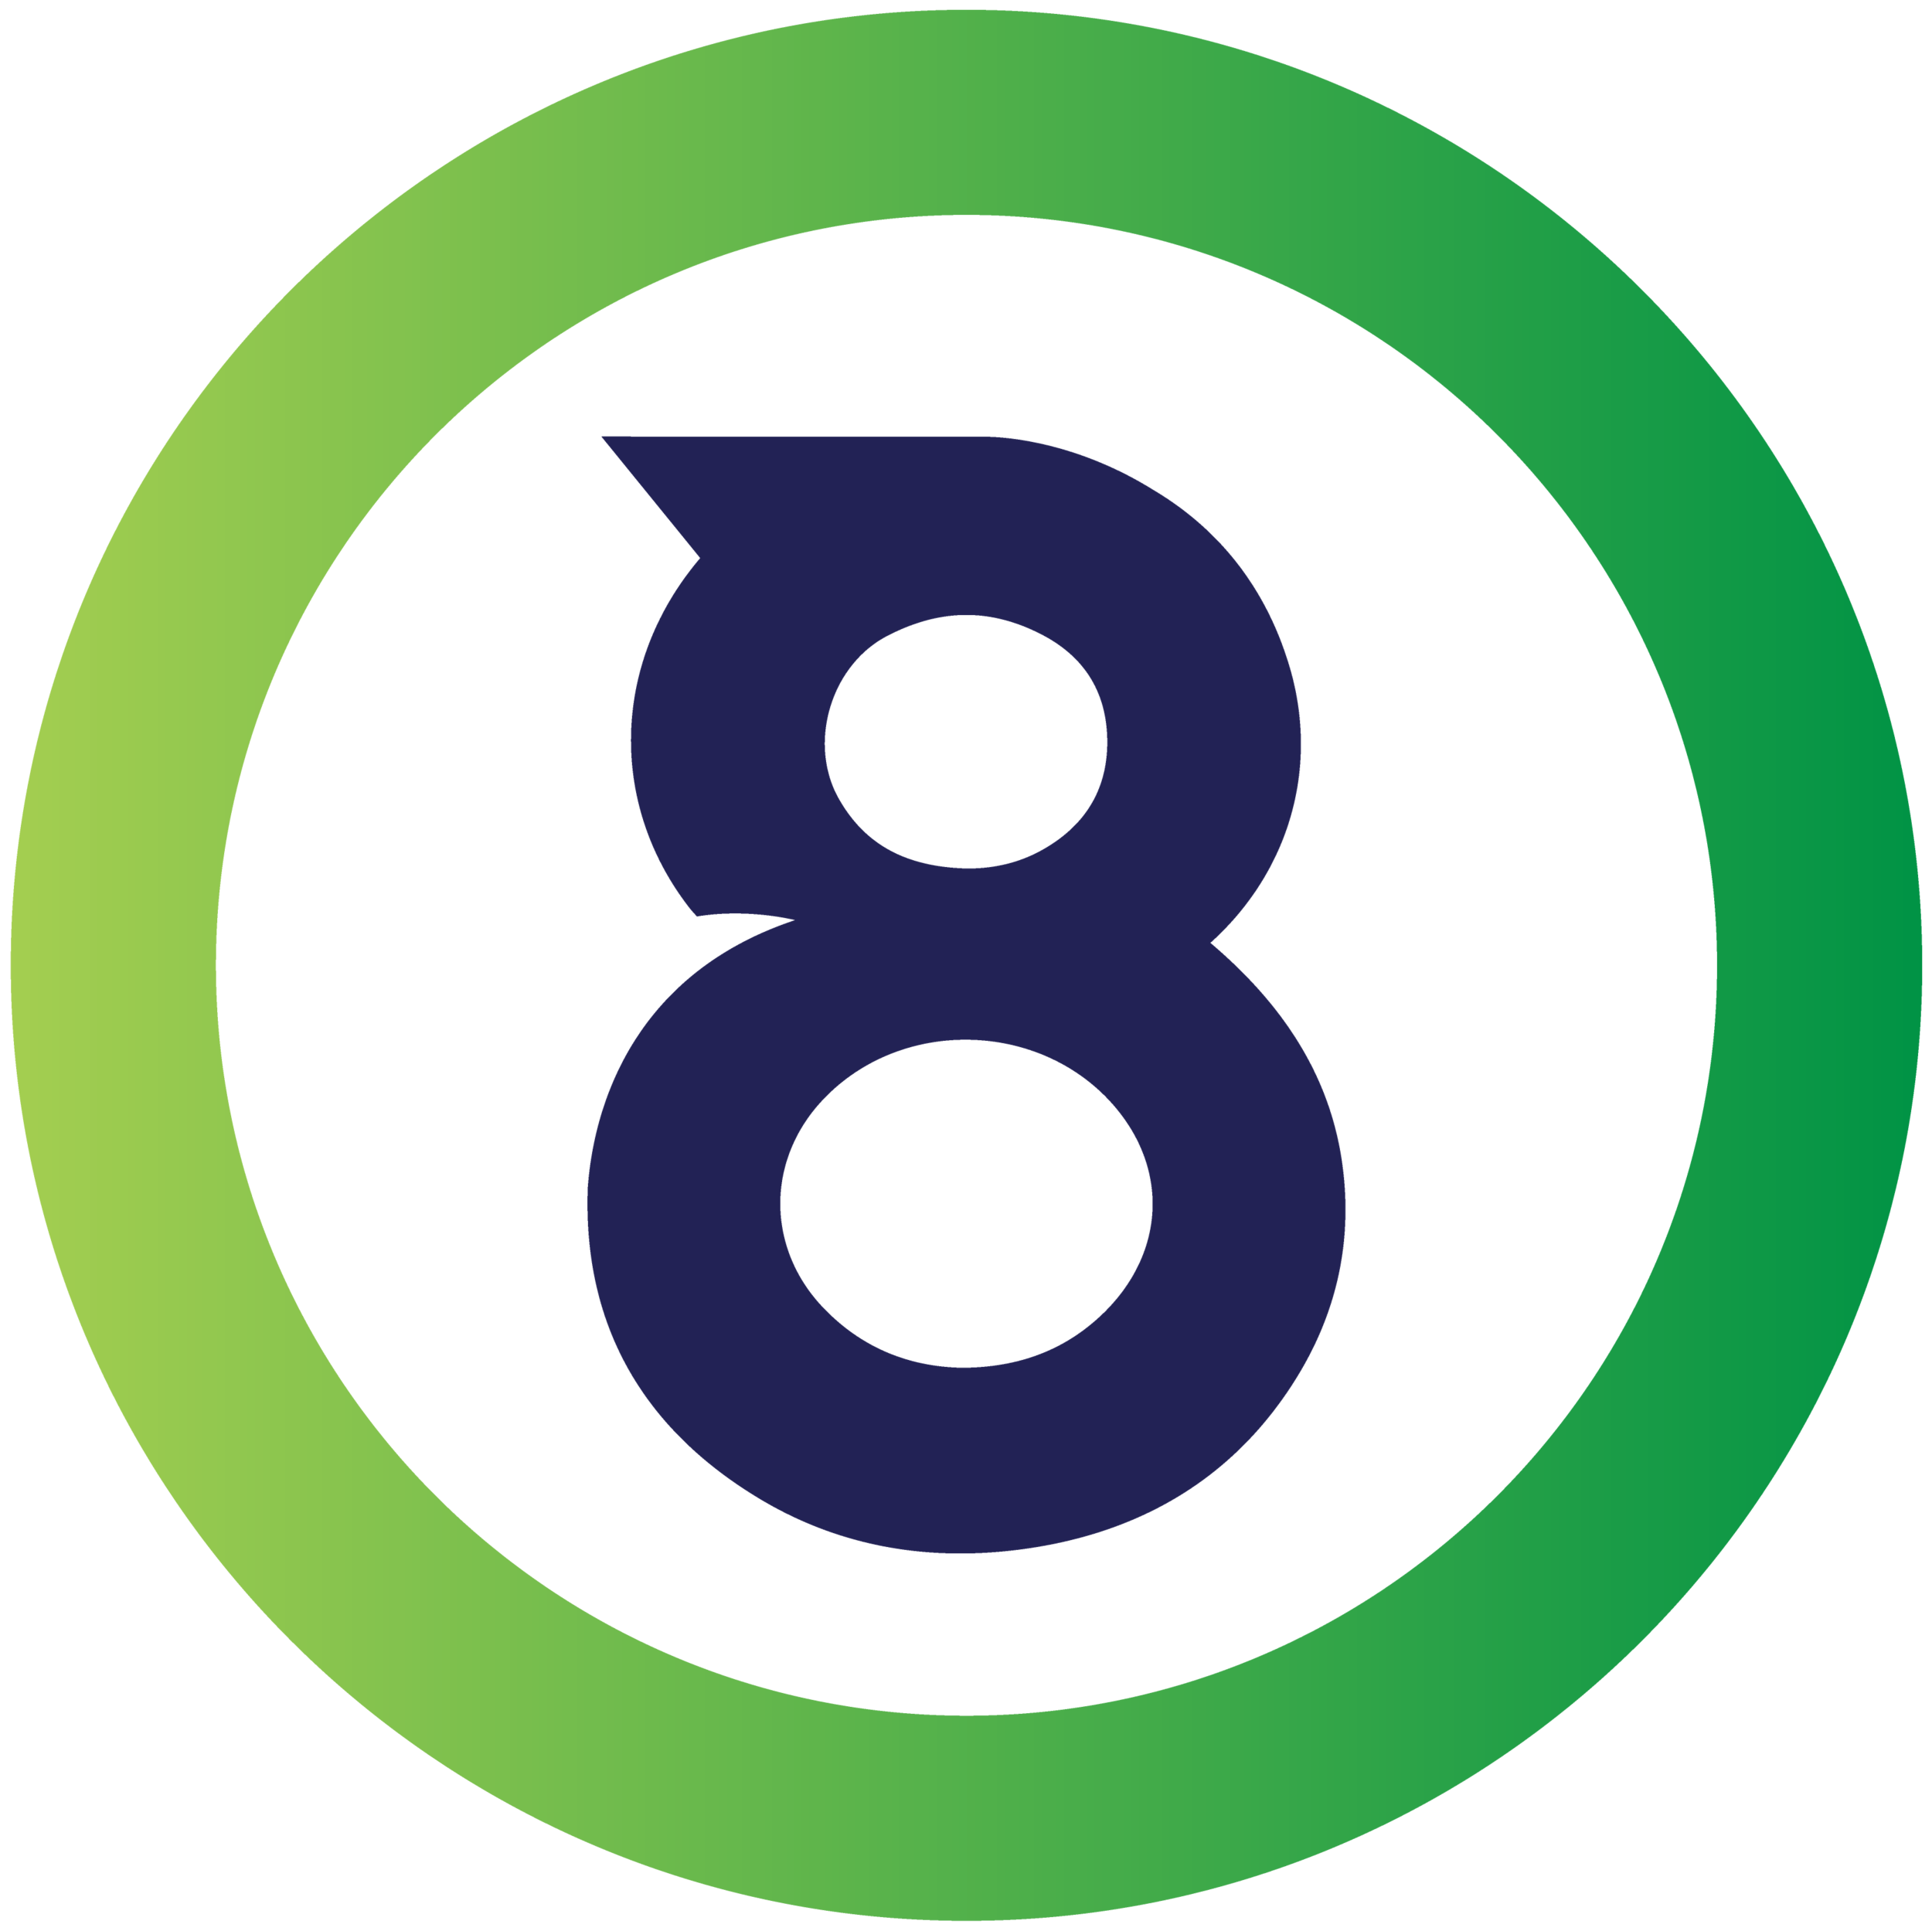 BR8KTHRU_8_Logo_TW_Profile_Pic.png